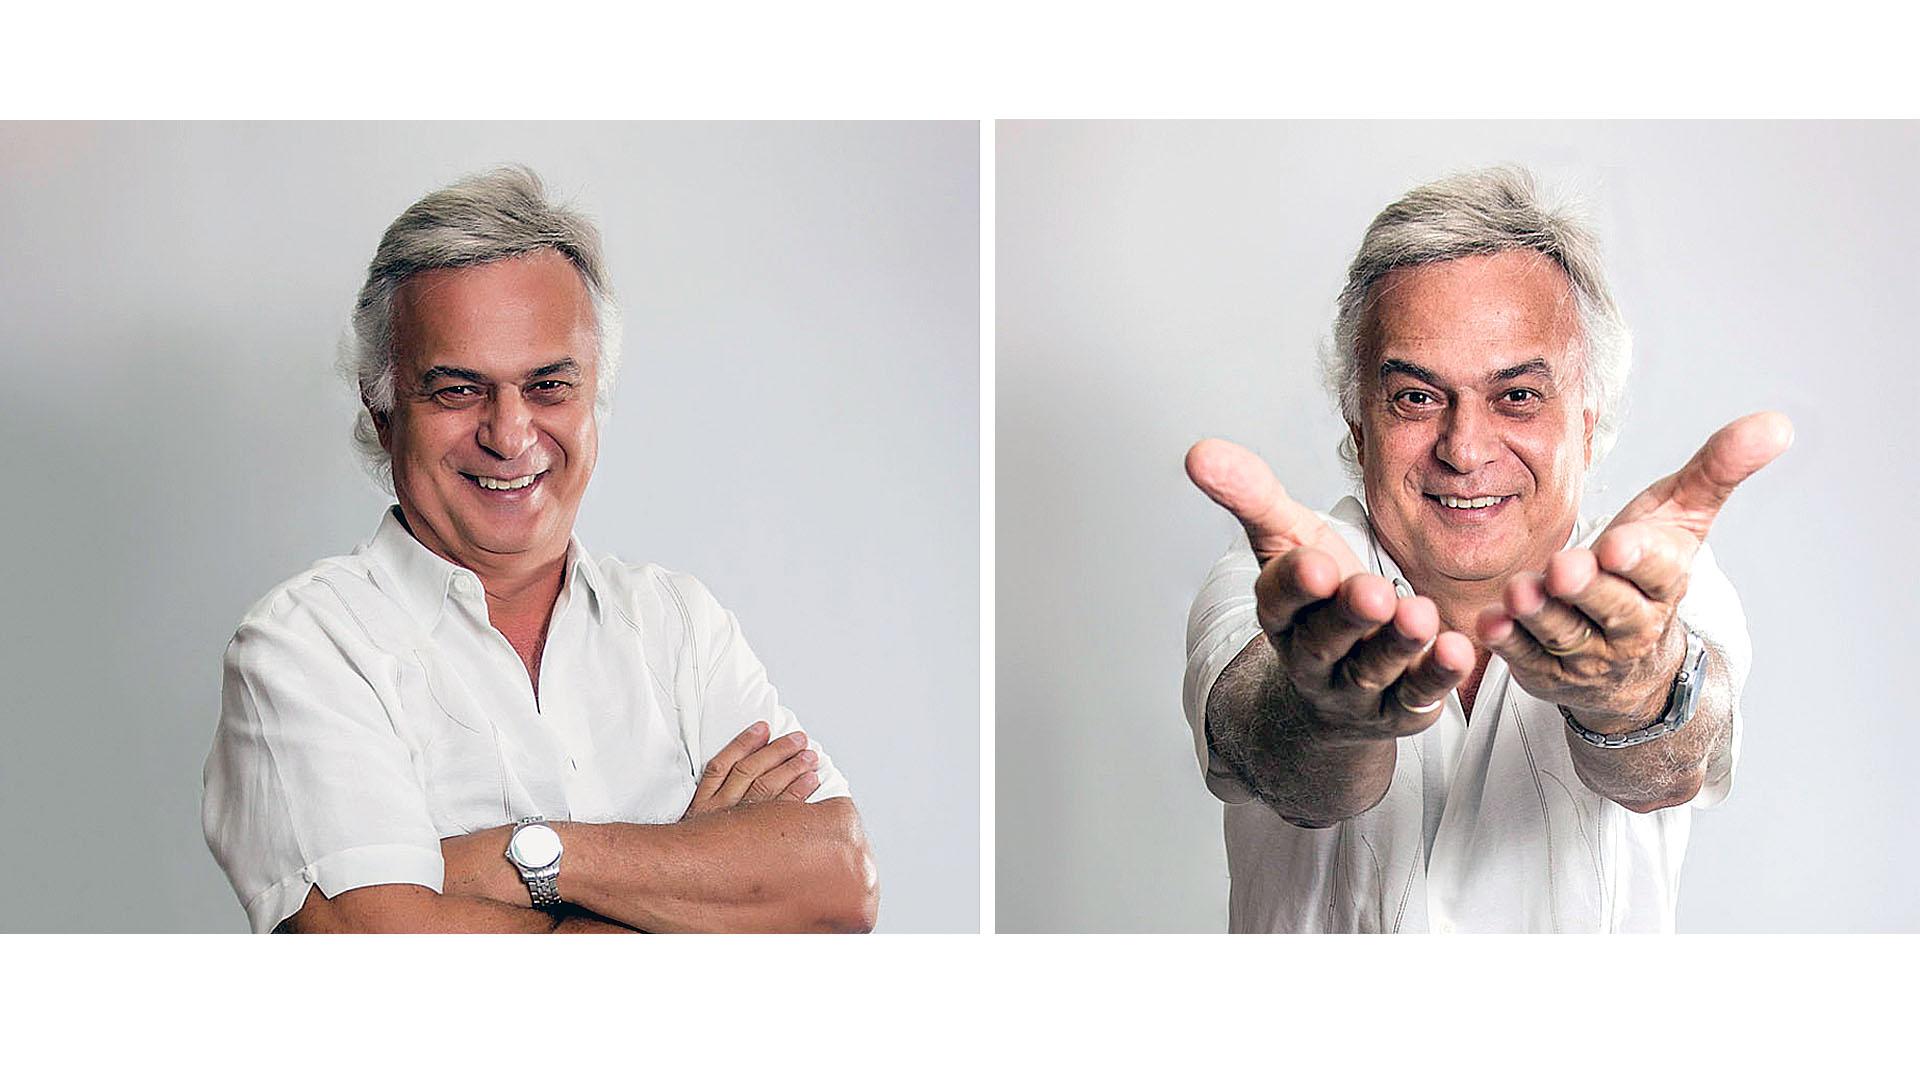 Gustavo Pierral fue reconocido como el mayor representante en de la música disco en Venezuela, ahora brinda sonrisas cada mañana con su voz y alegría